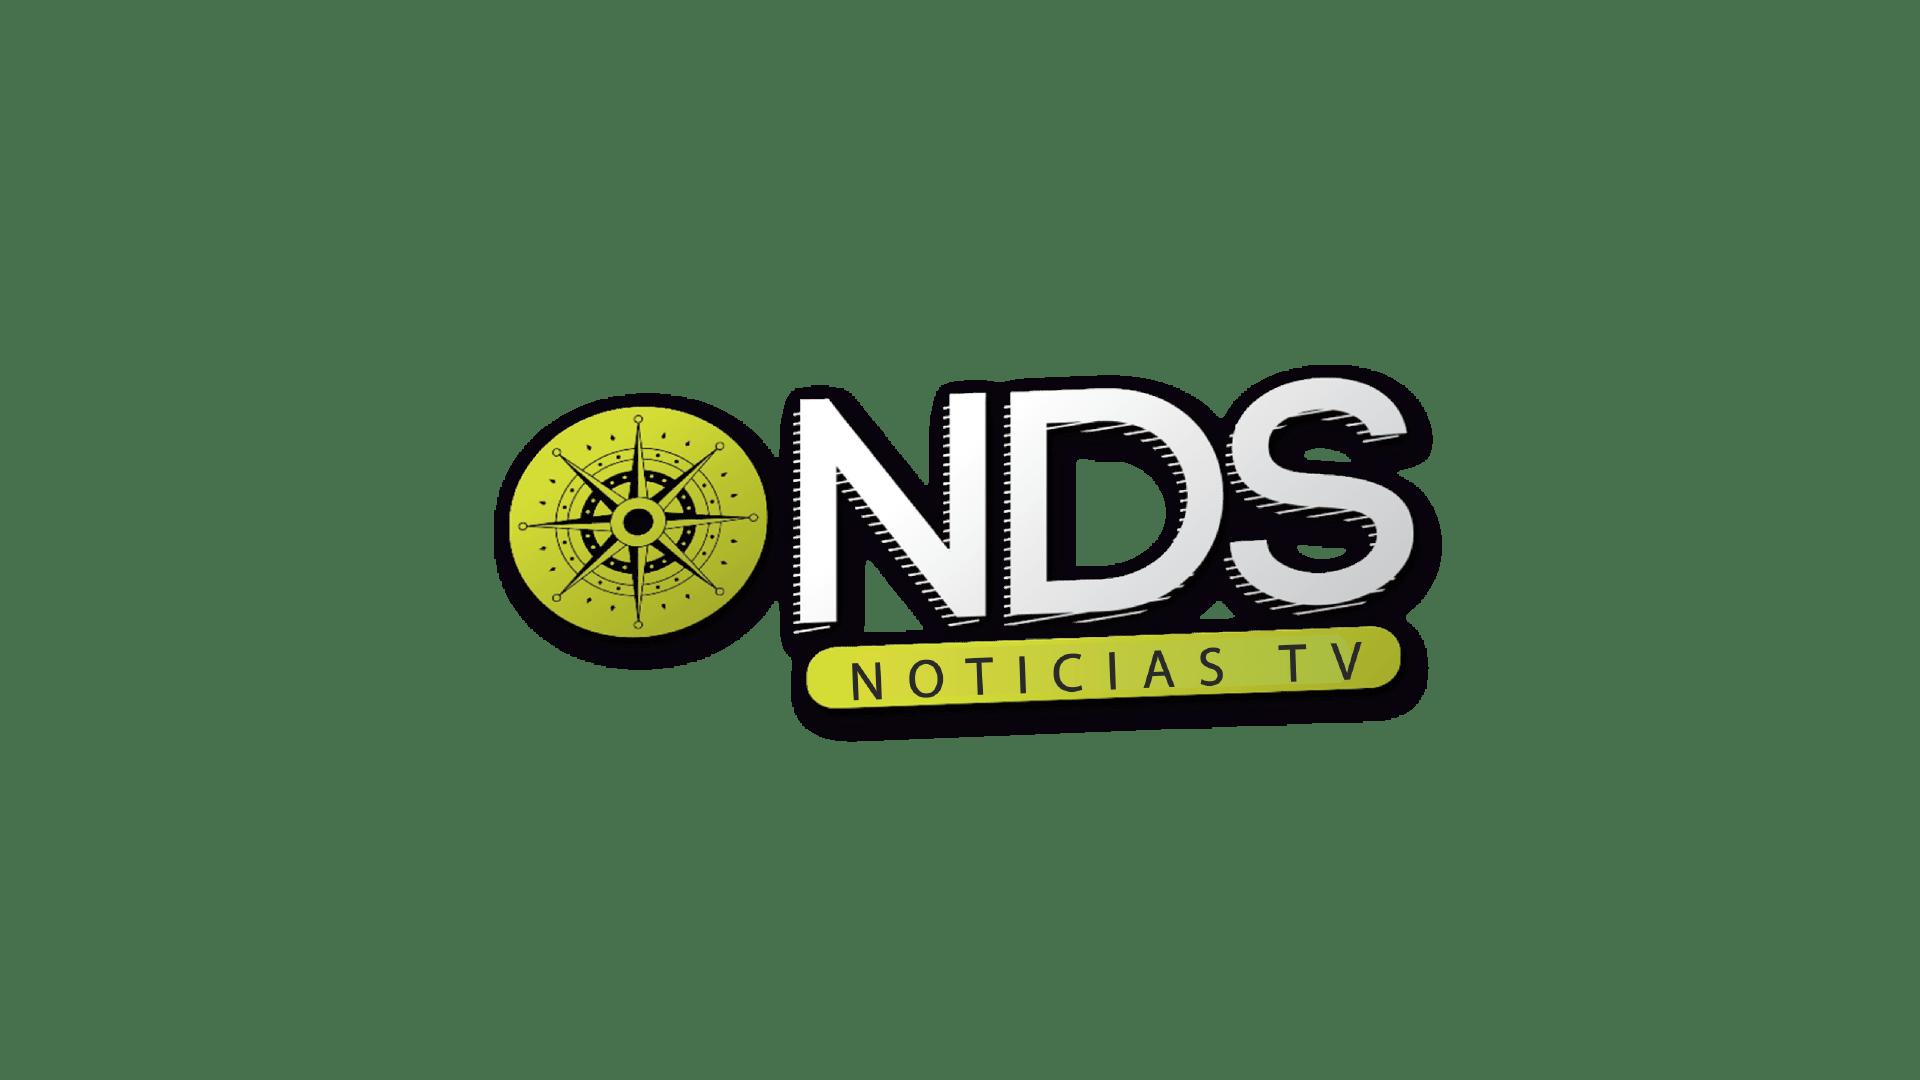 NDS Noticias